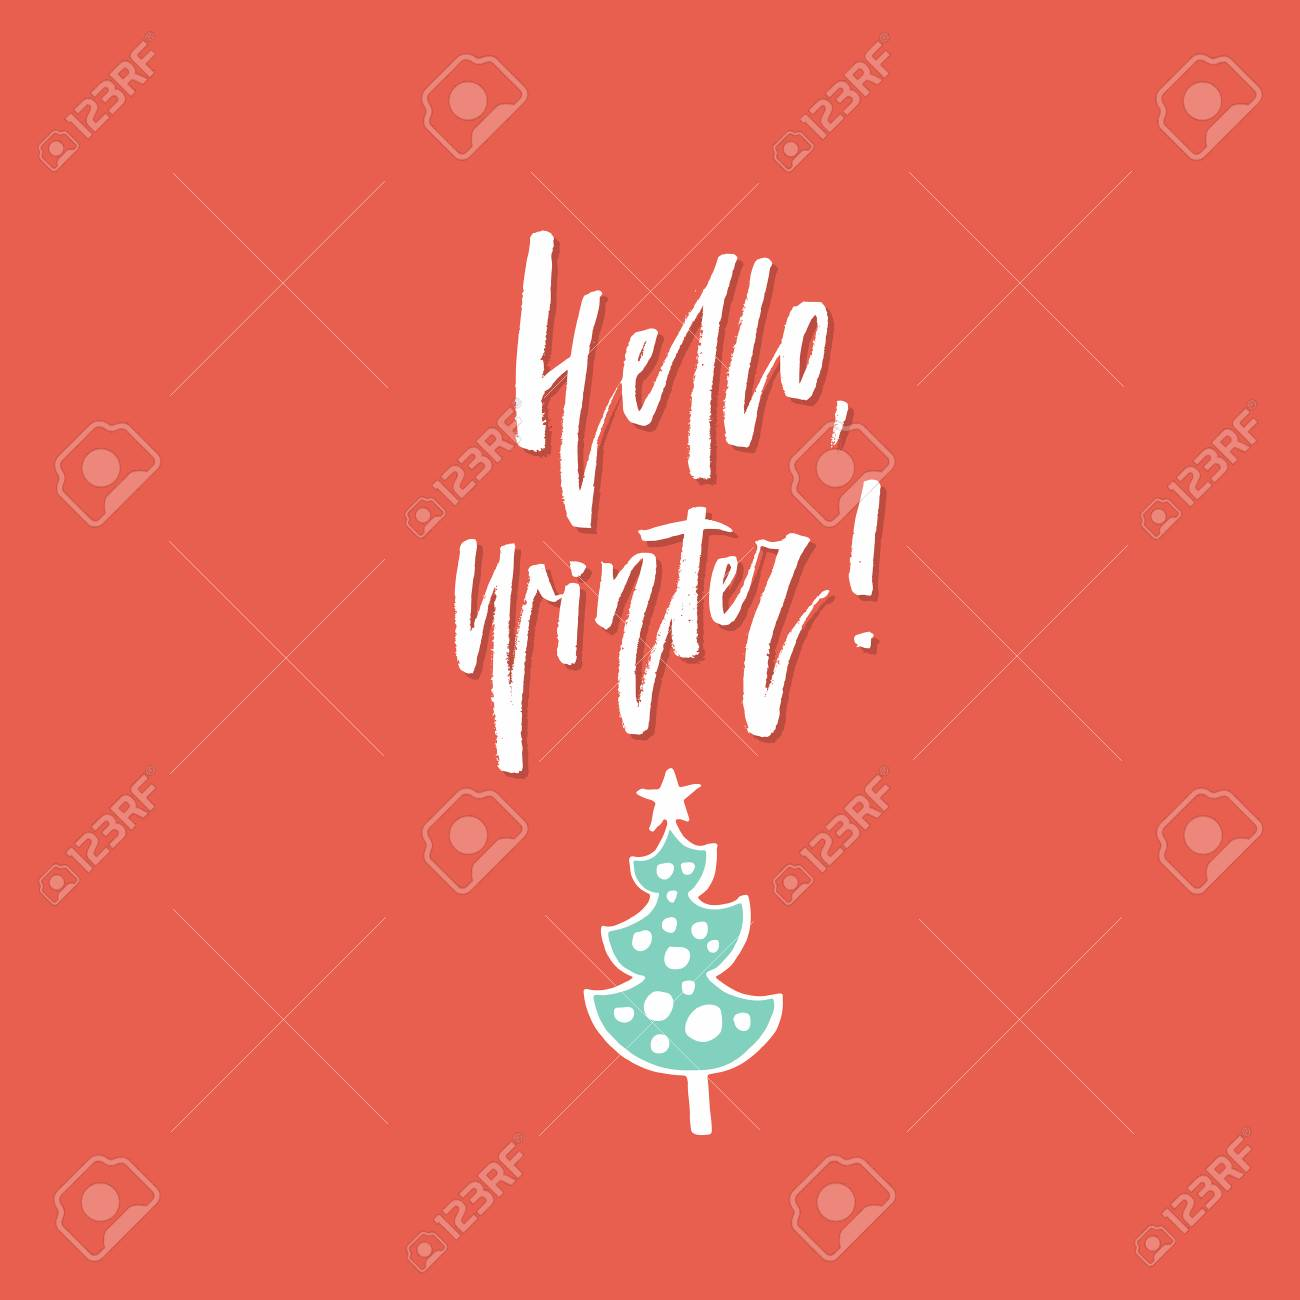 イラストや文字で簡単なクリスマス カードのデザイン休日シリーズの